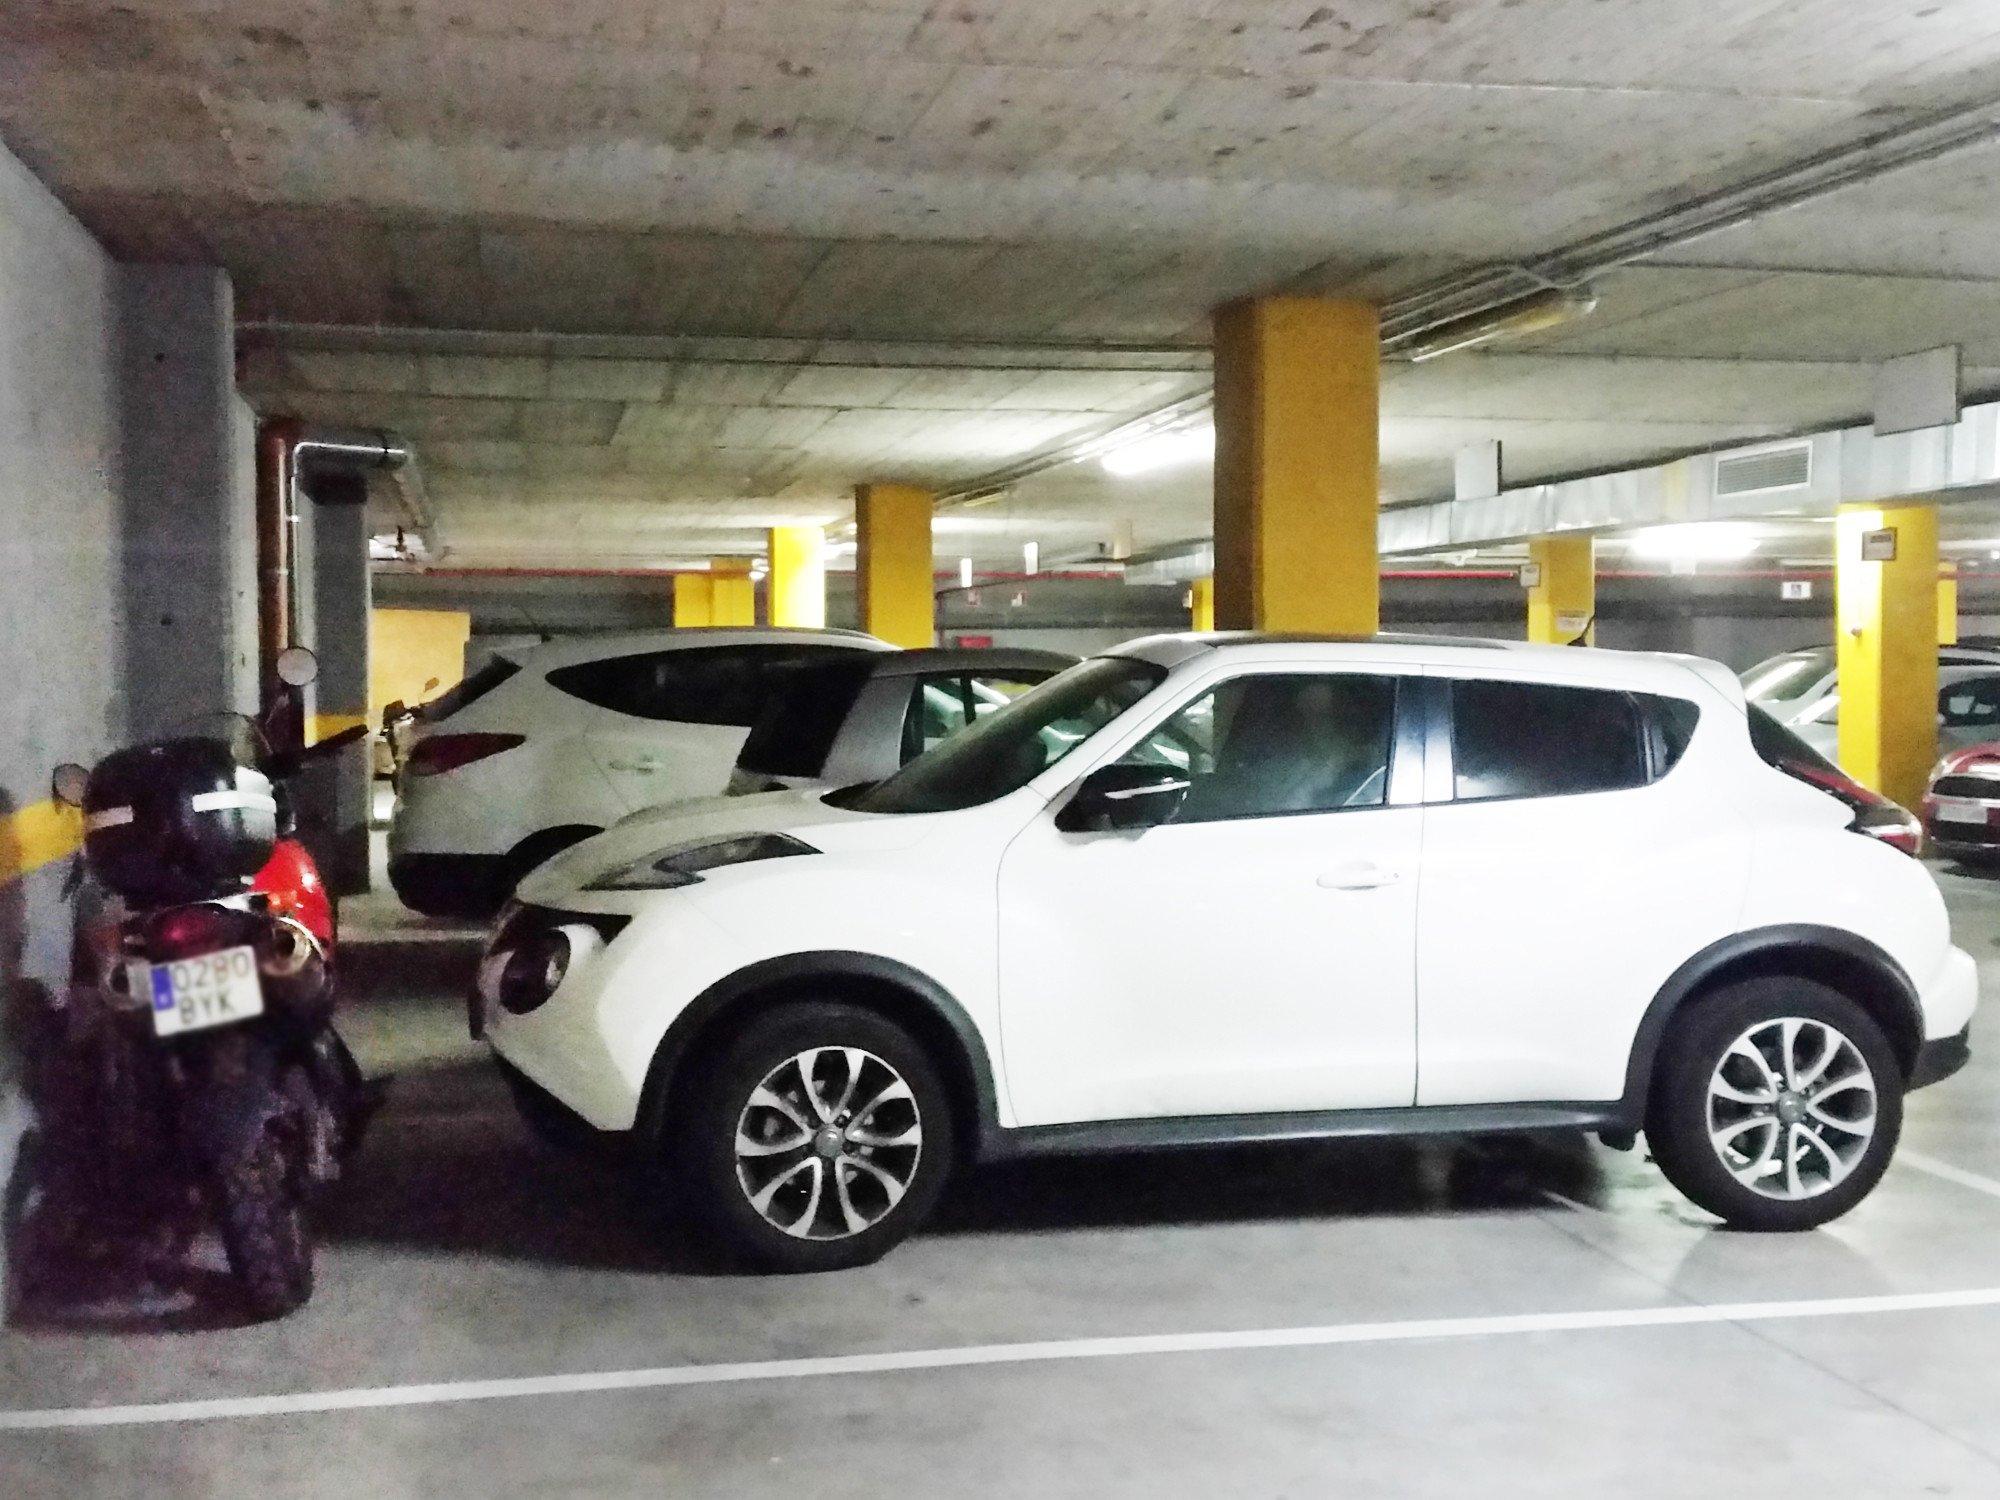 Plaza de garaje privada dudas m s frecuentes - Garaje de coches ...